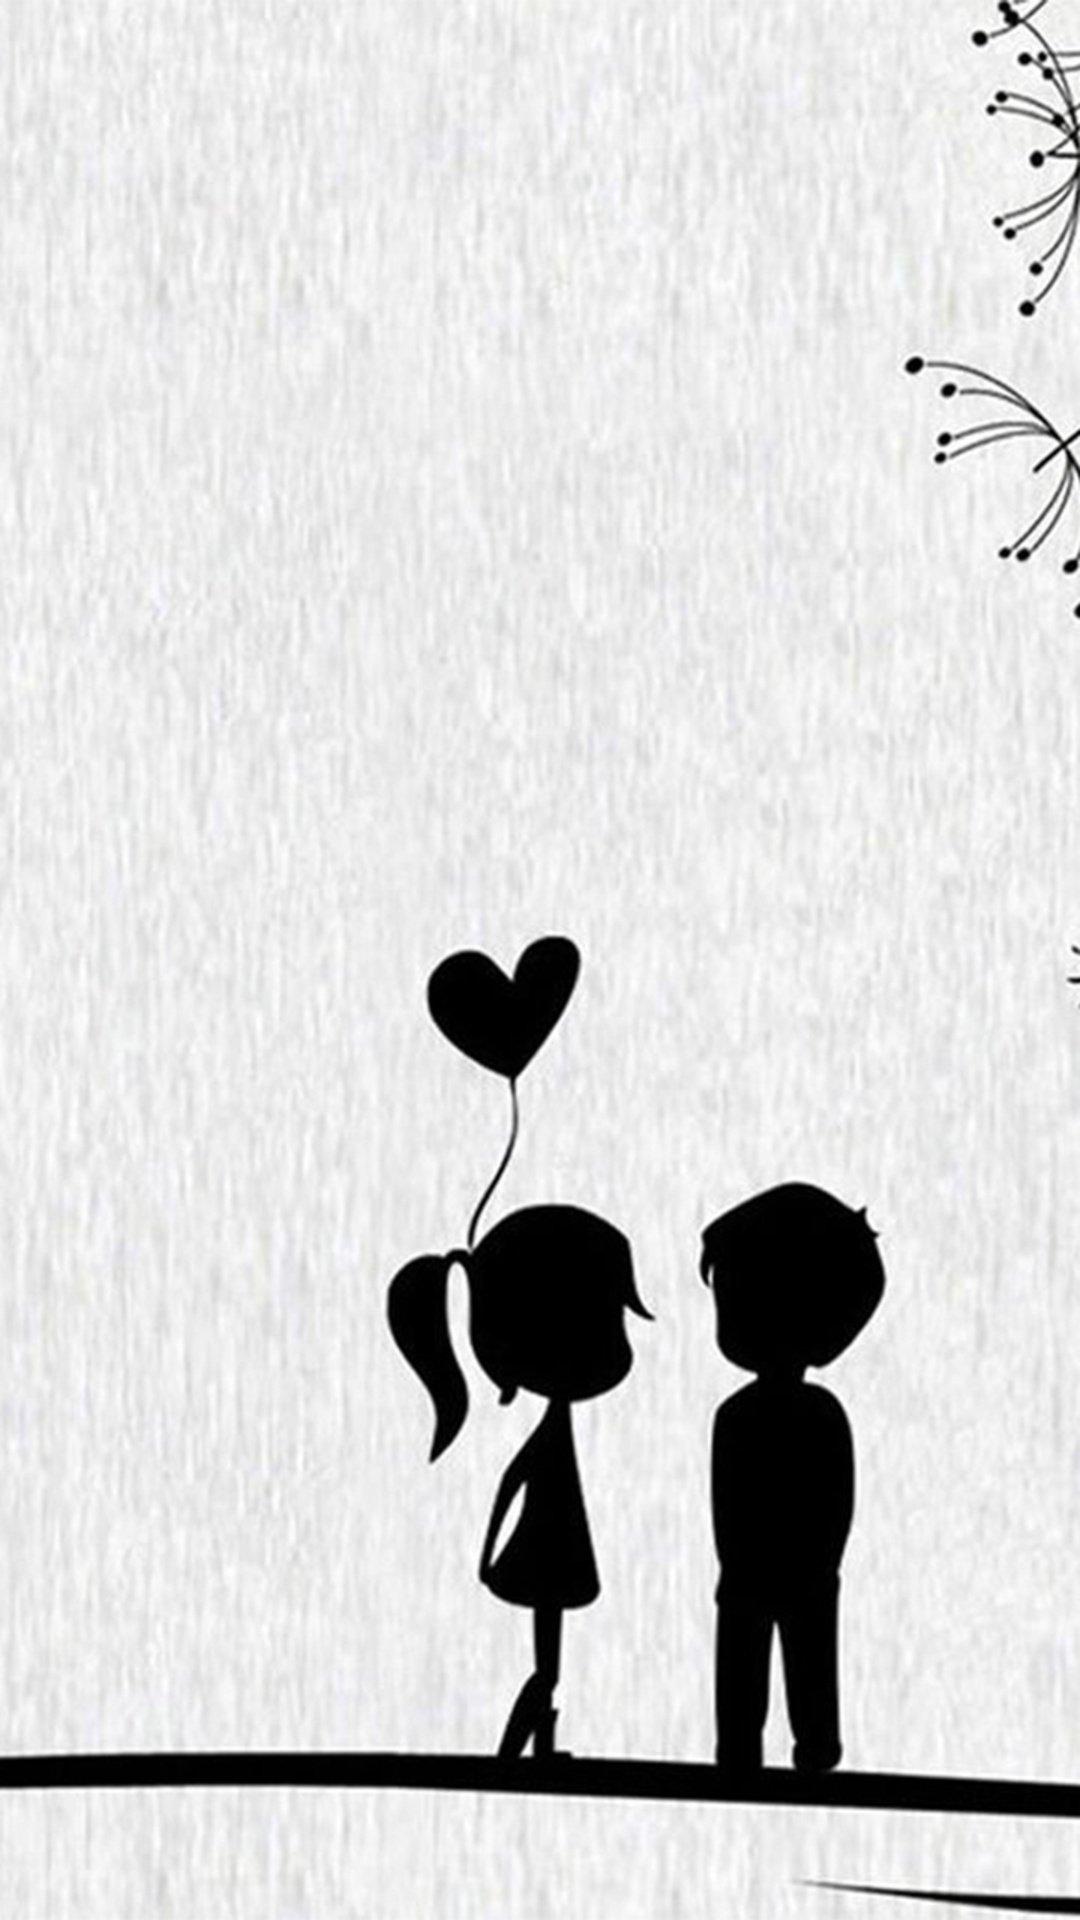 اجمل خلفيات حب و رومانسية